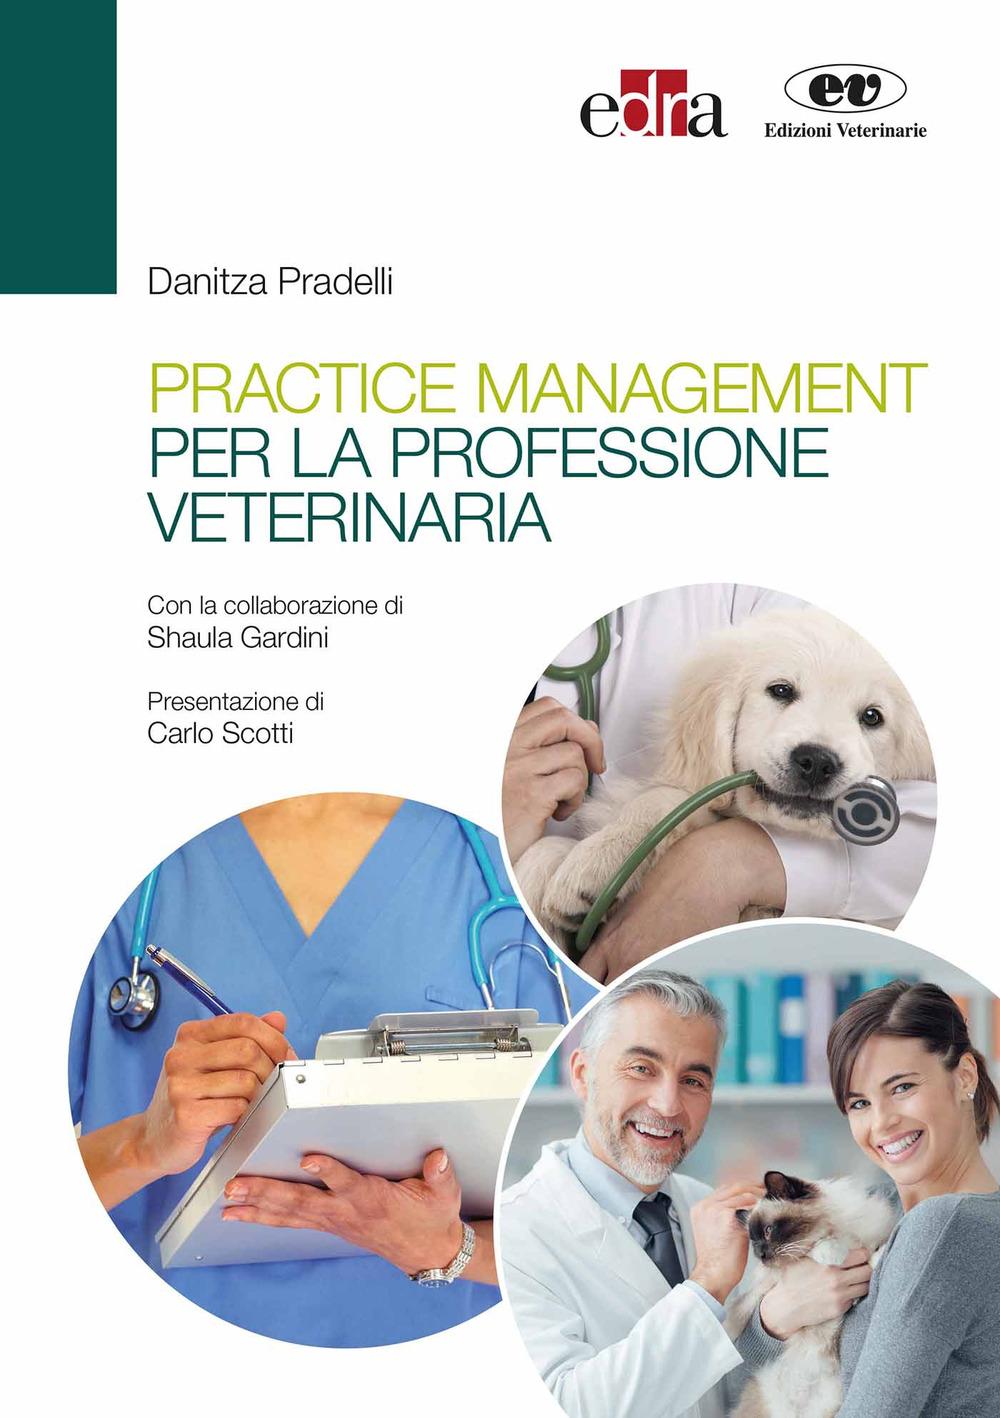 Image of Practice management per la professione veterinaria